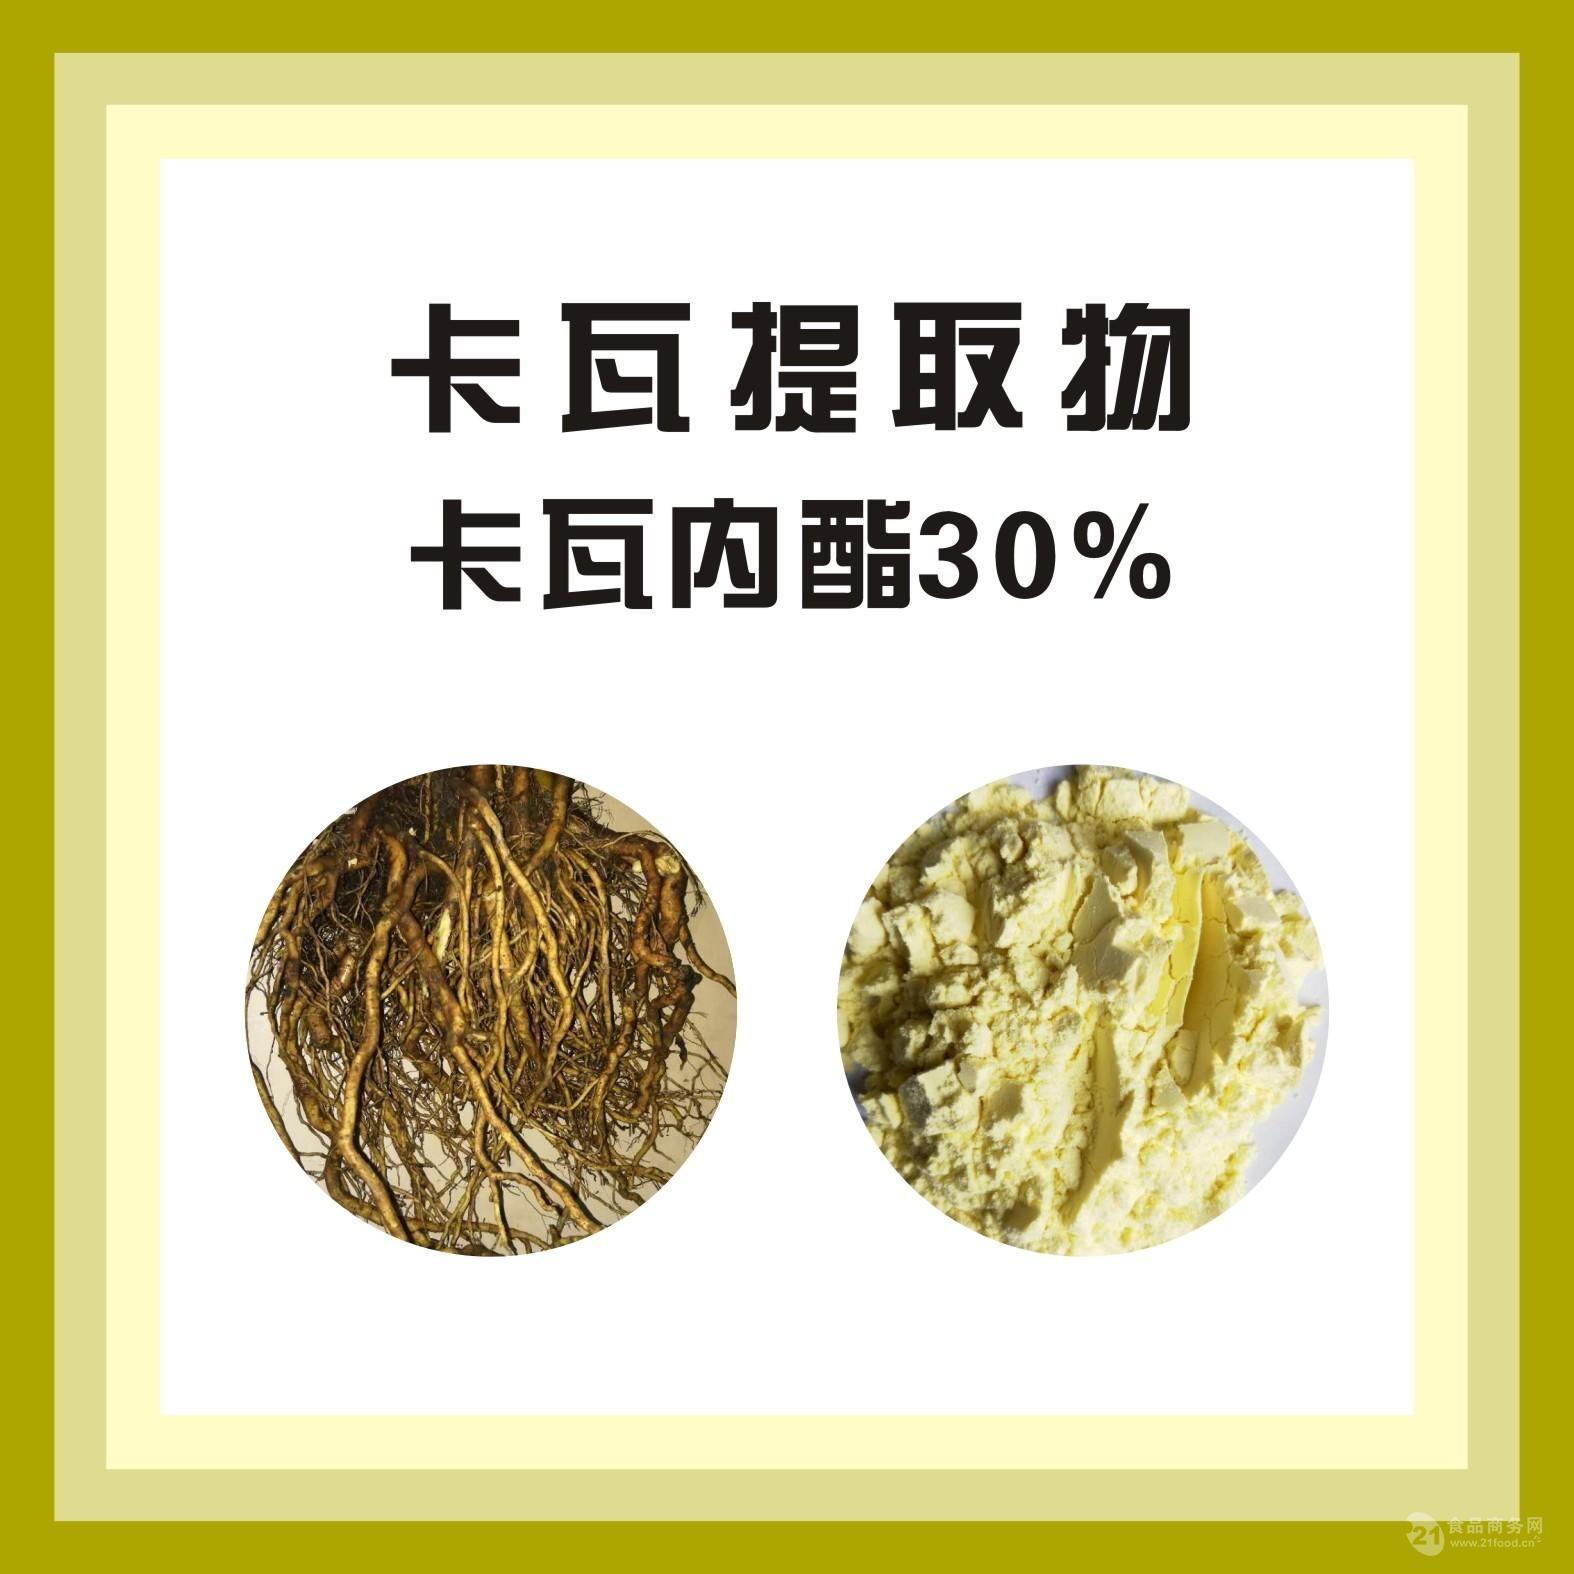 三原天域生物卡瓦提取物   40%卡瓦内酯/减压、*